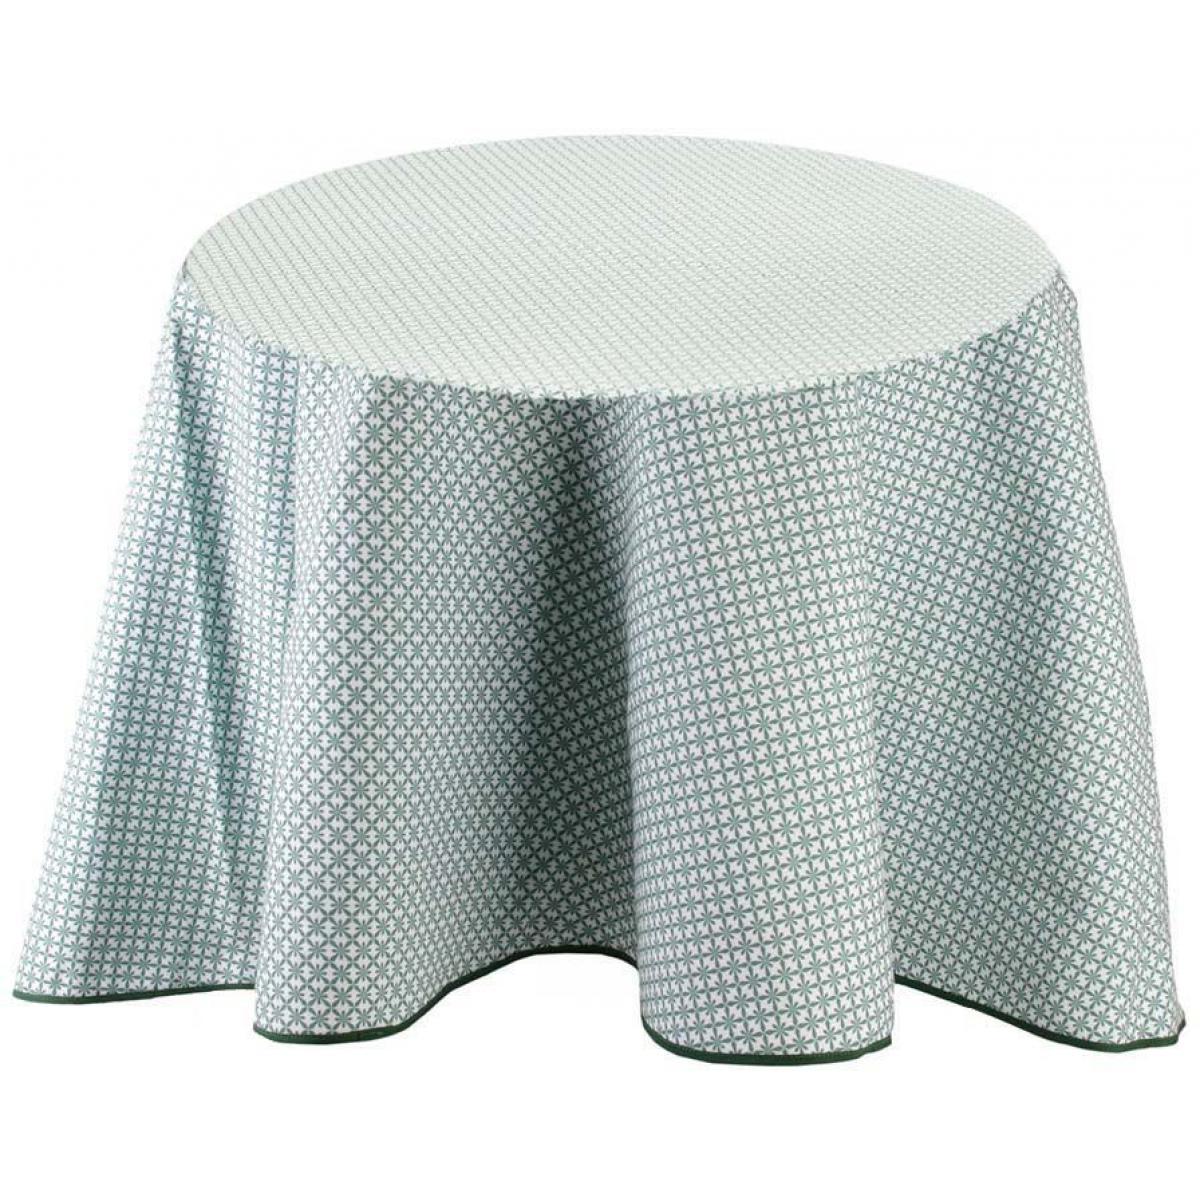 The Home Deco Factory Nappe à motifs pour table ronde 180 cm Feuillage